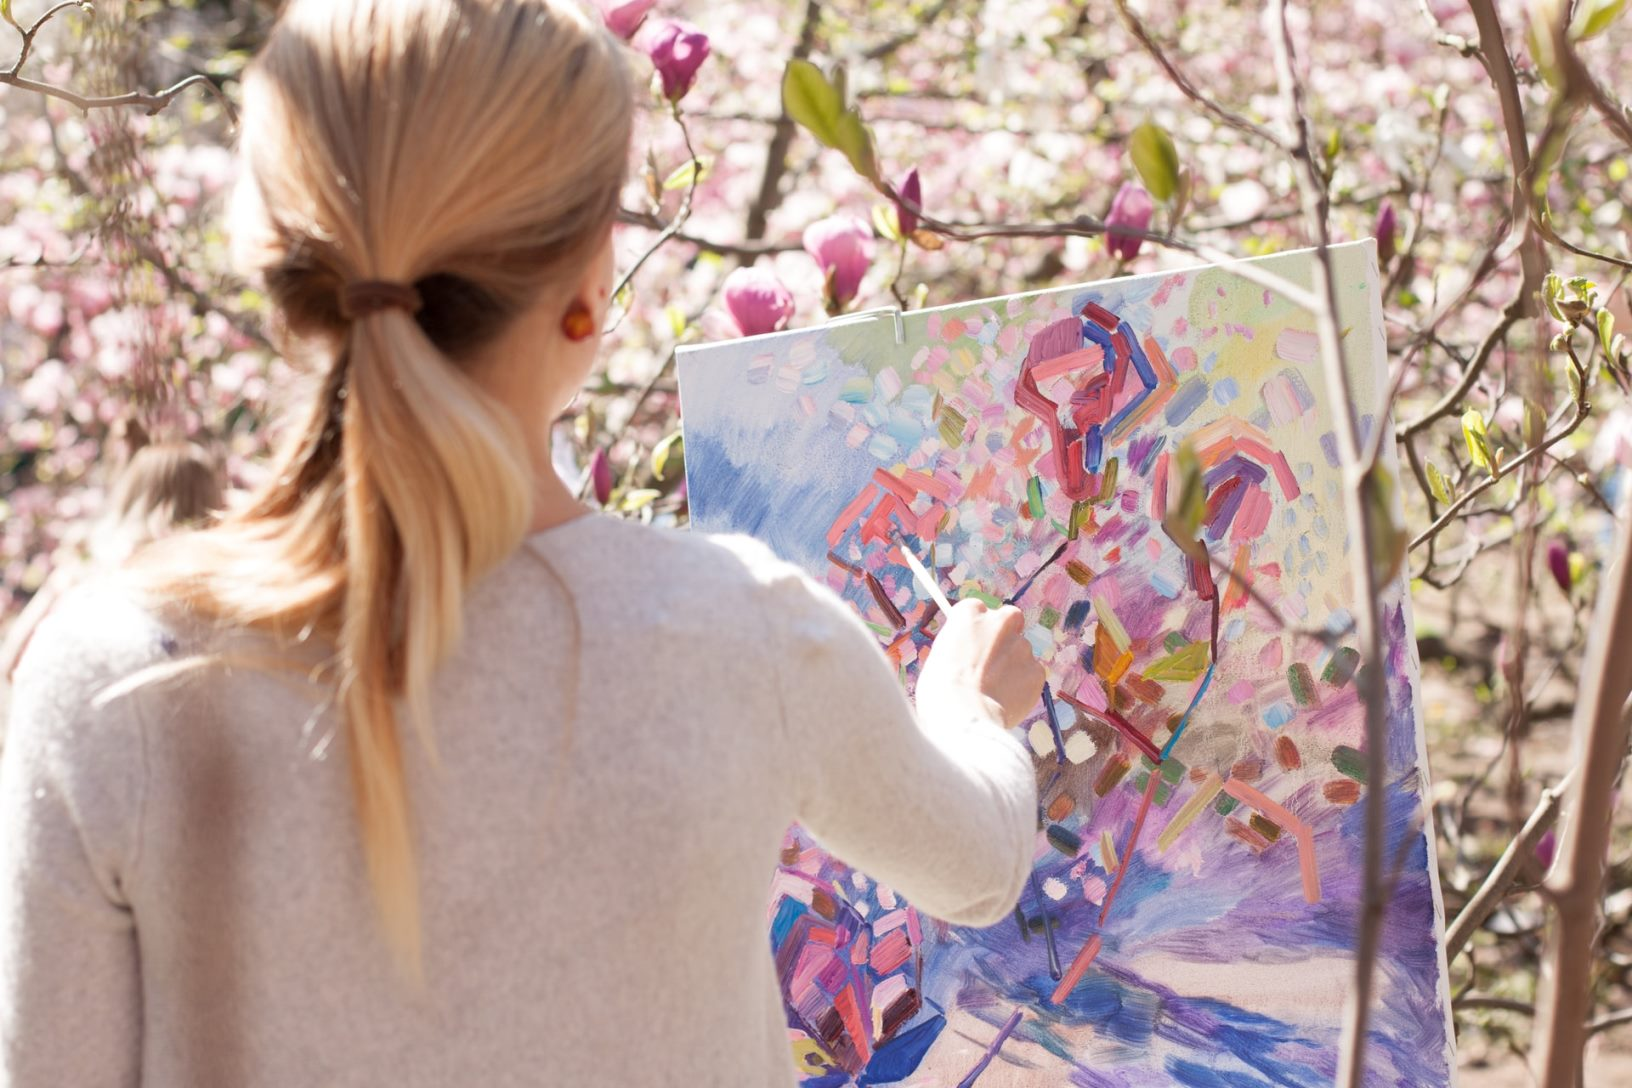 Visual Arts and Performing Arts